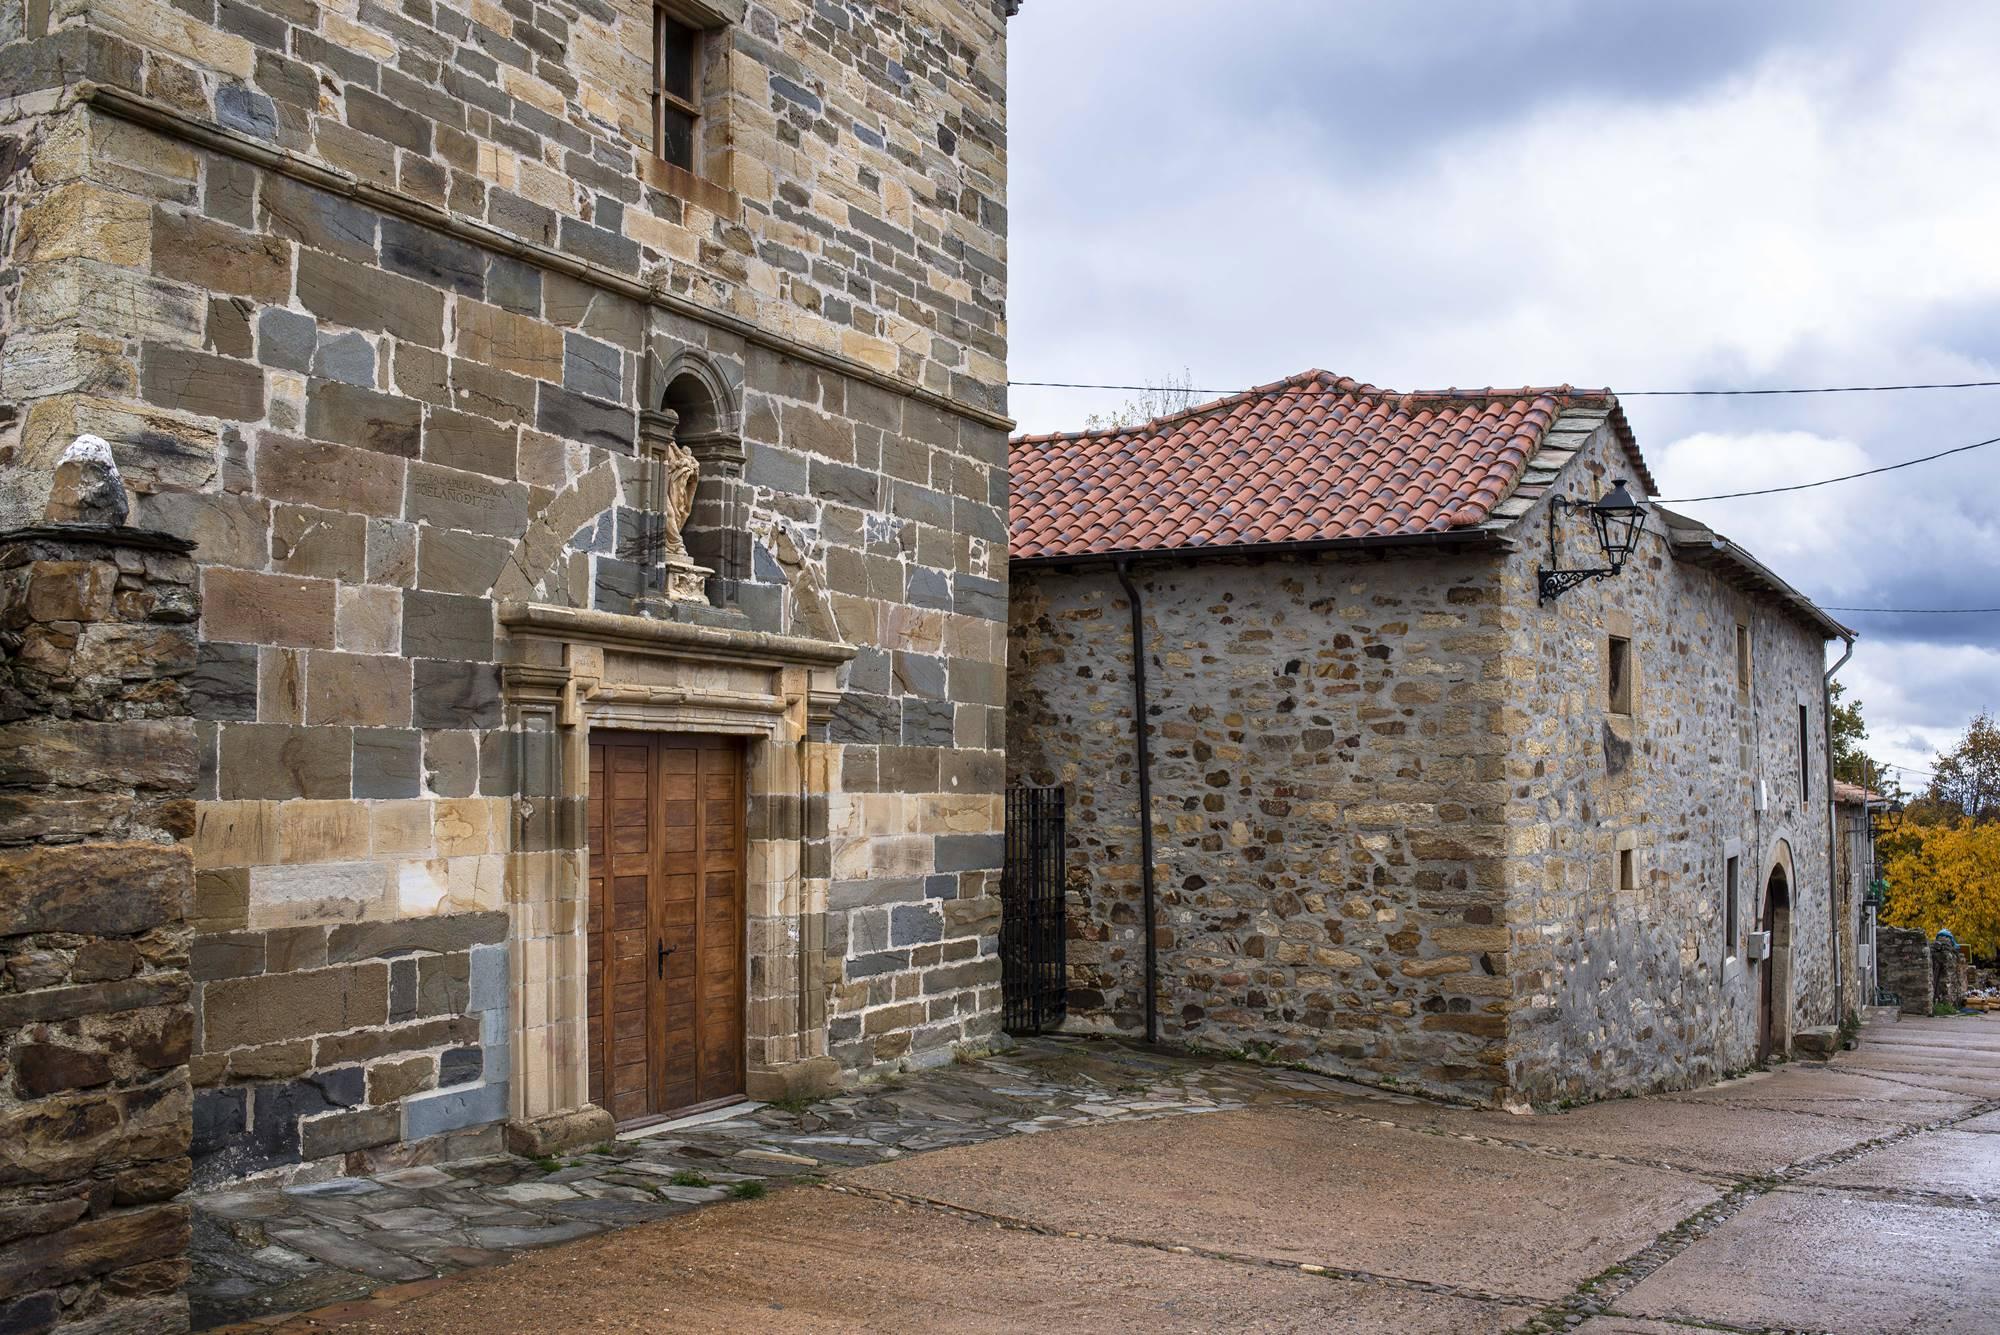 La ermita de San José que da pie a la leyenda del americano de las arcas.